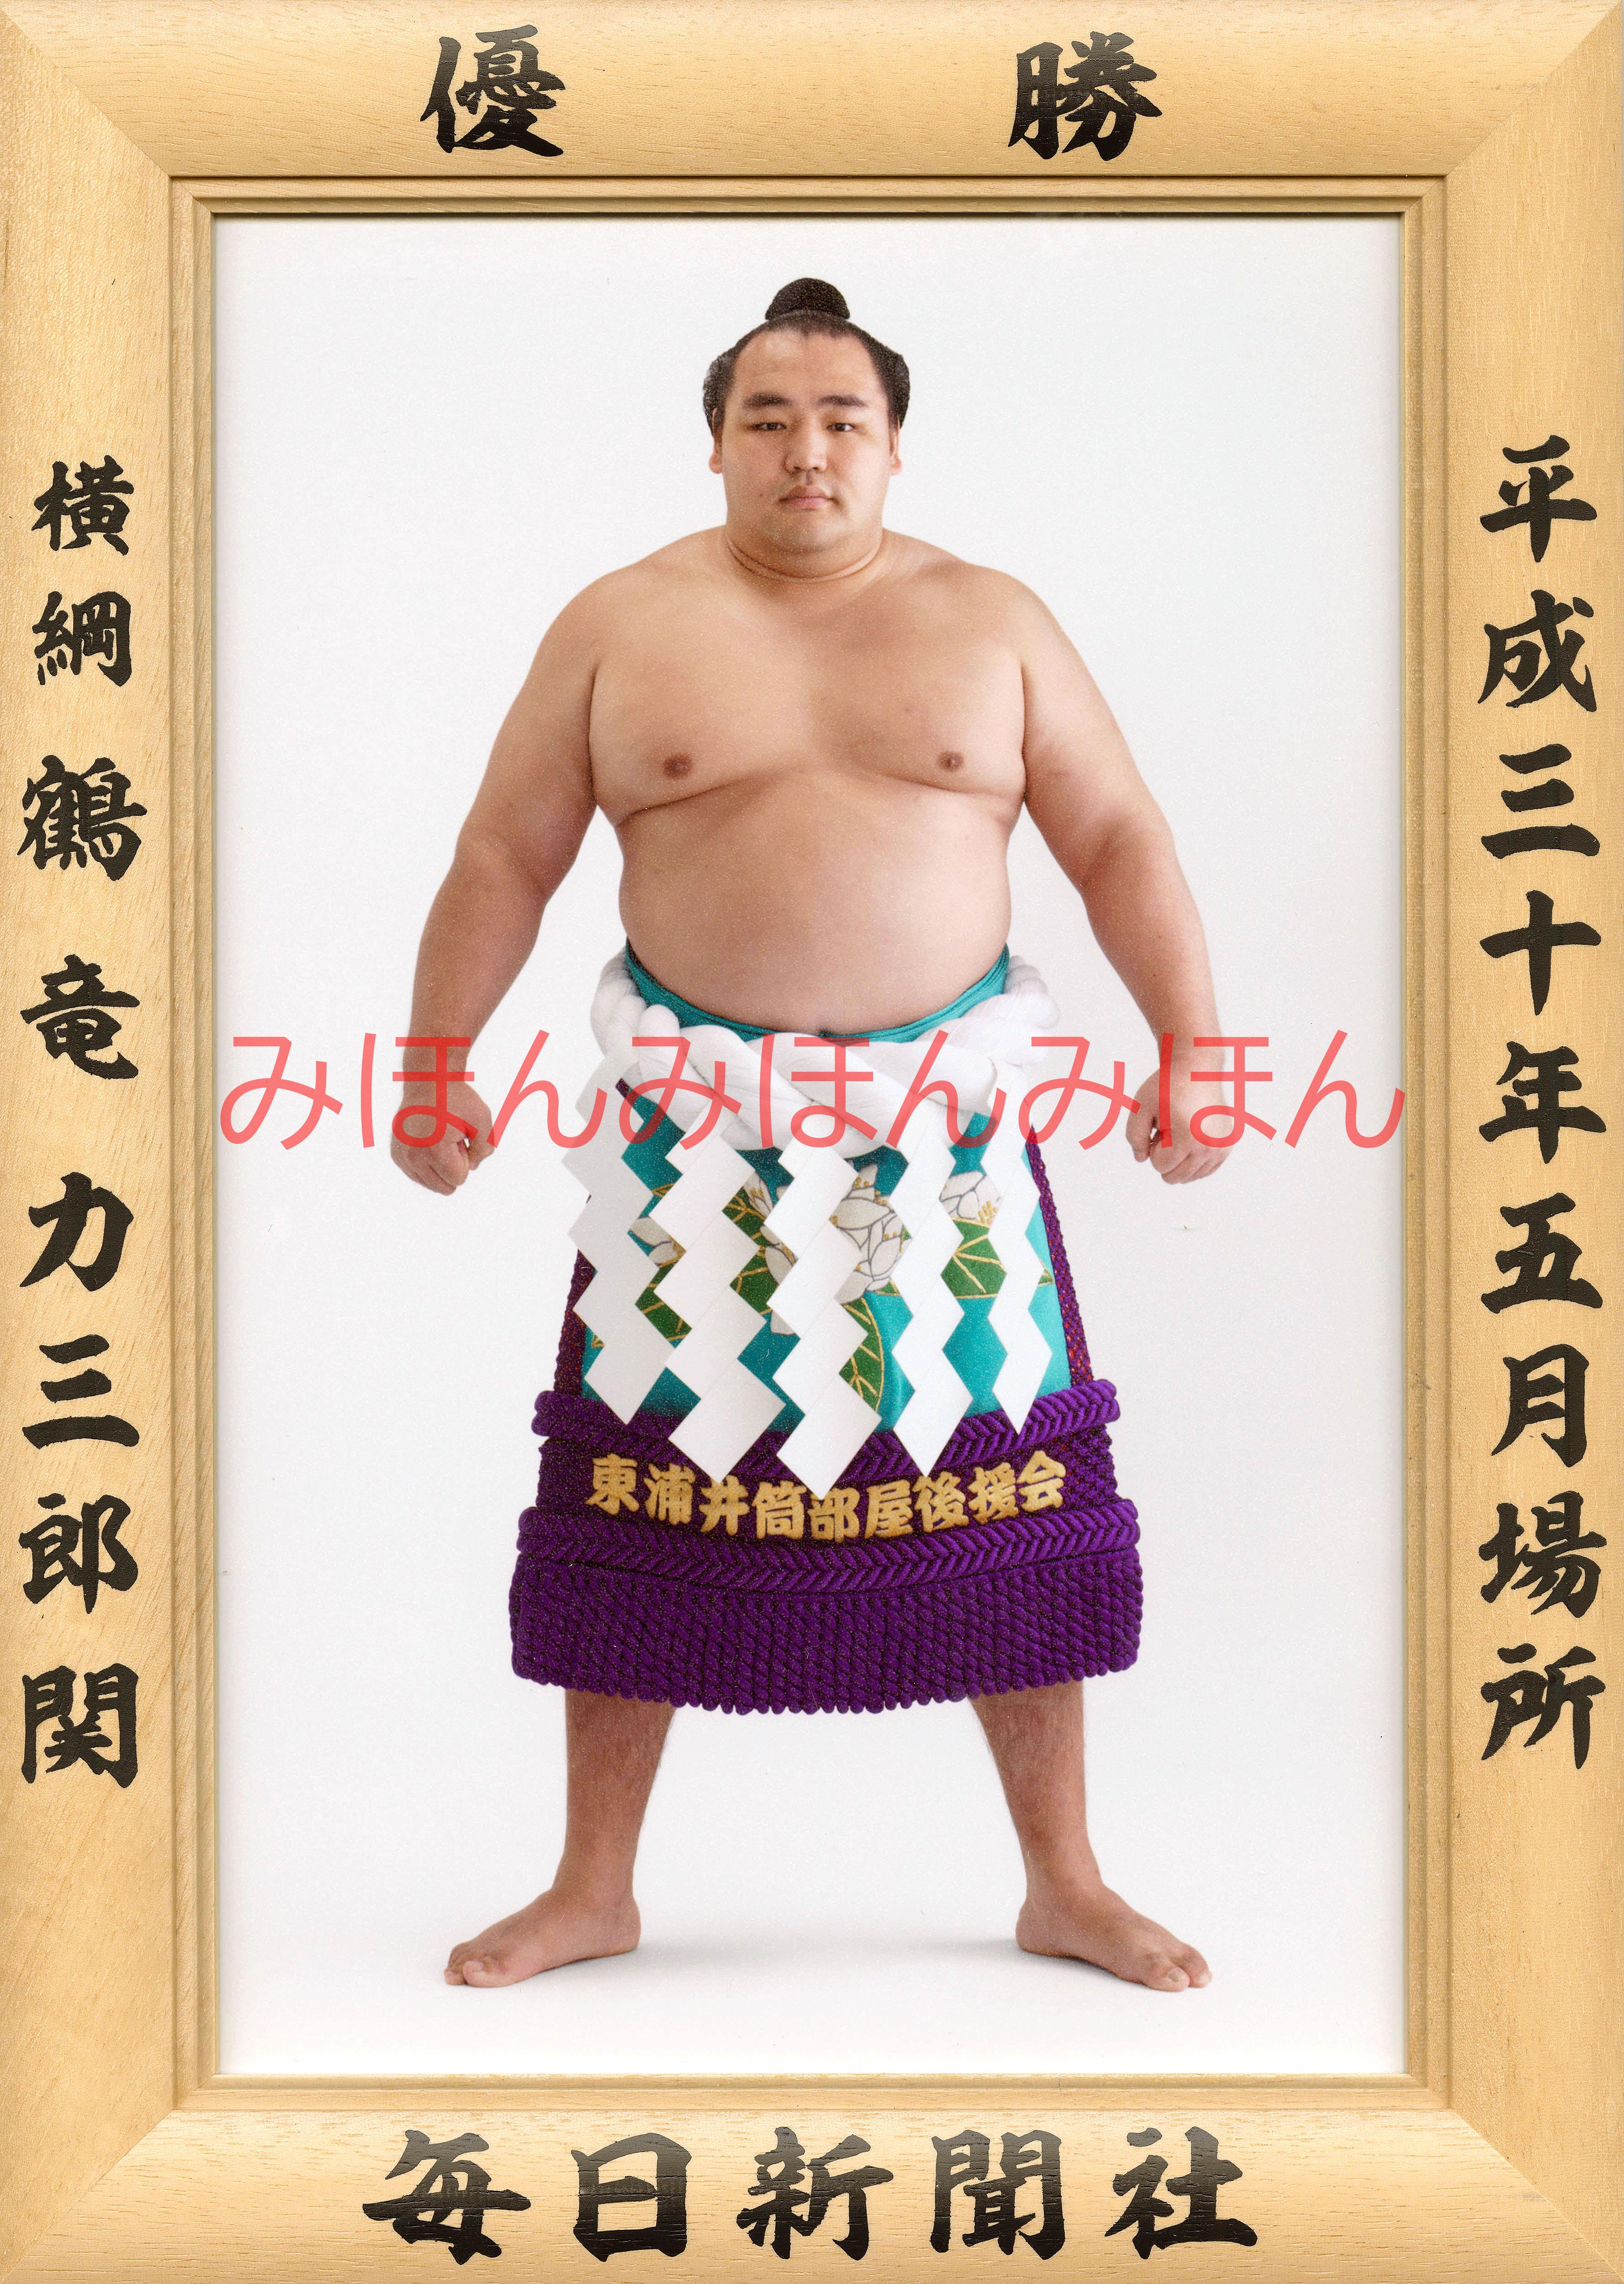 平成30年5月場所優勝 横綱 鶴竜力三郎関(5回目の優勝)